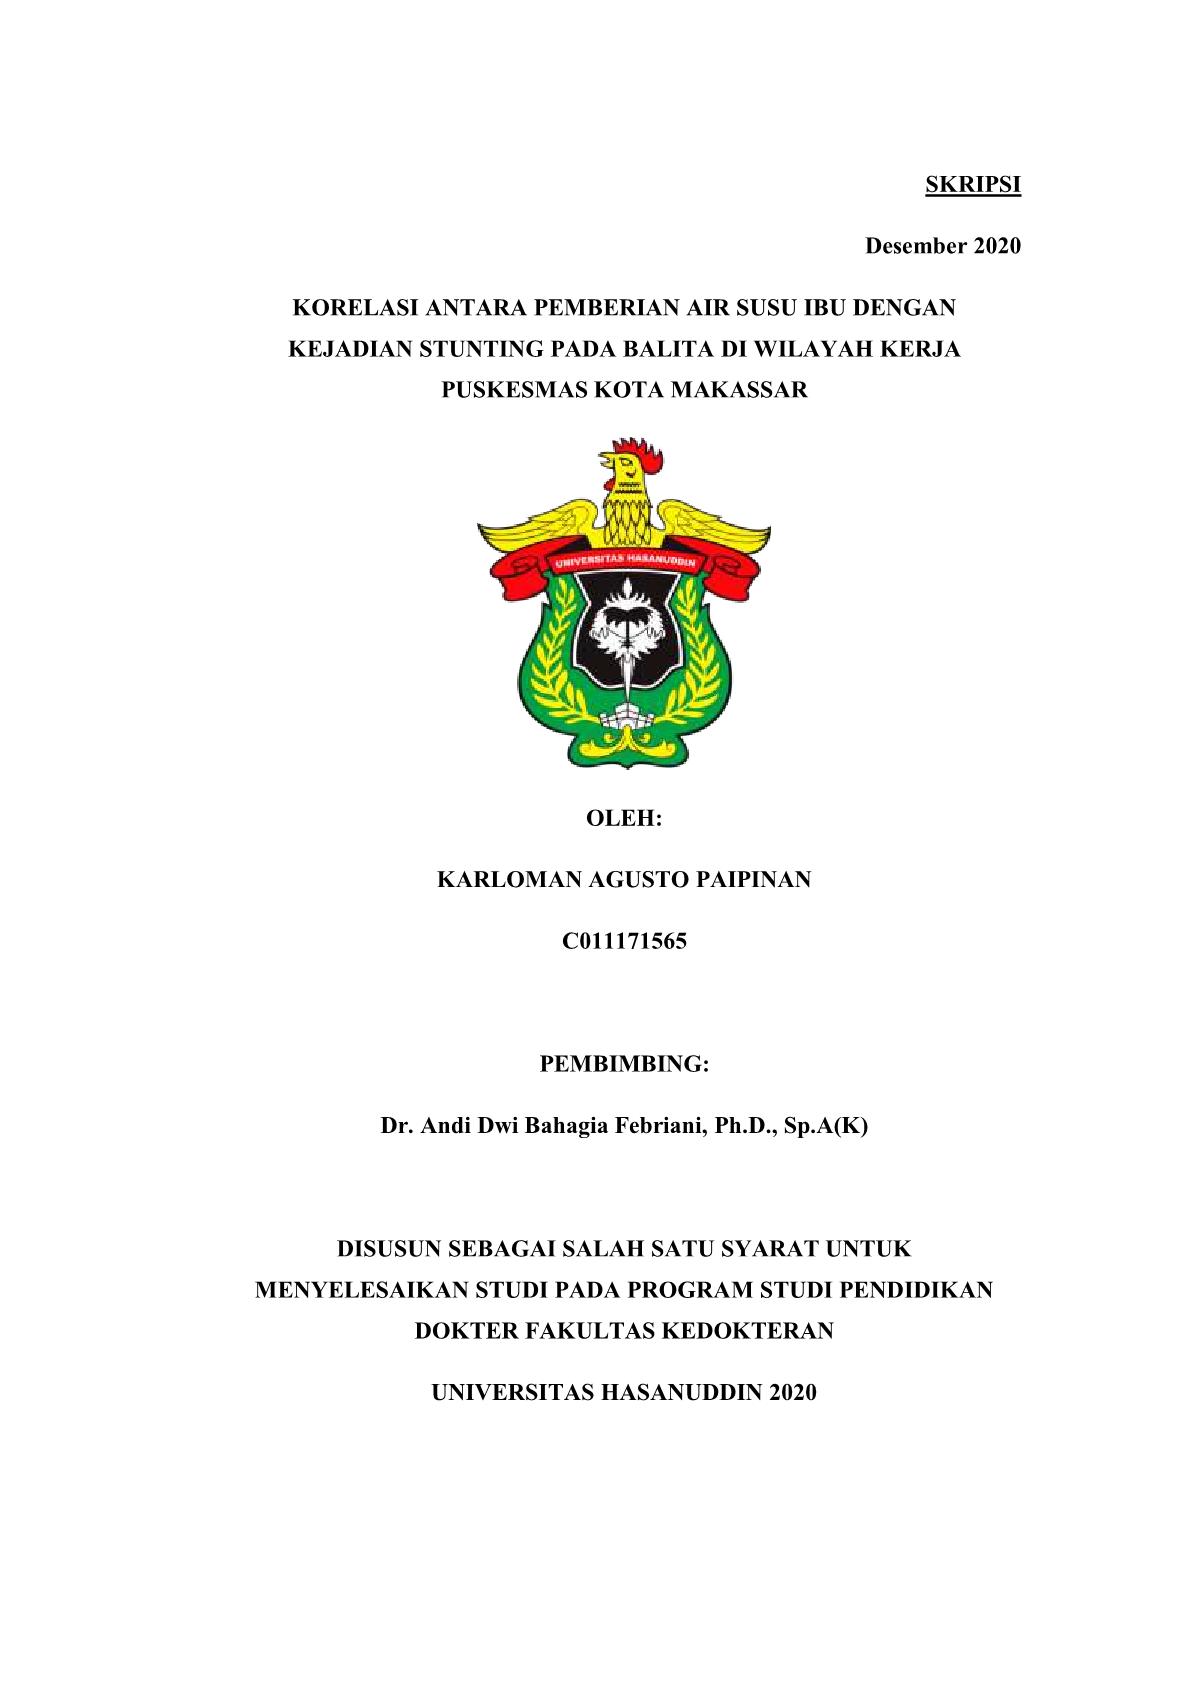 Korelasi Antara Pemberian Air Susu Ibu Dengan Kejadian Stunting Pada Balita Di Wilayah Kerja Puskesmas Kota Makassar Repository Universitas Hasanuddin